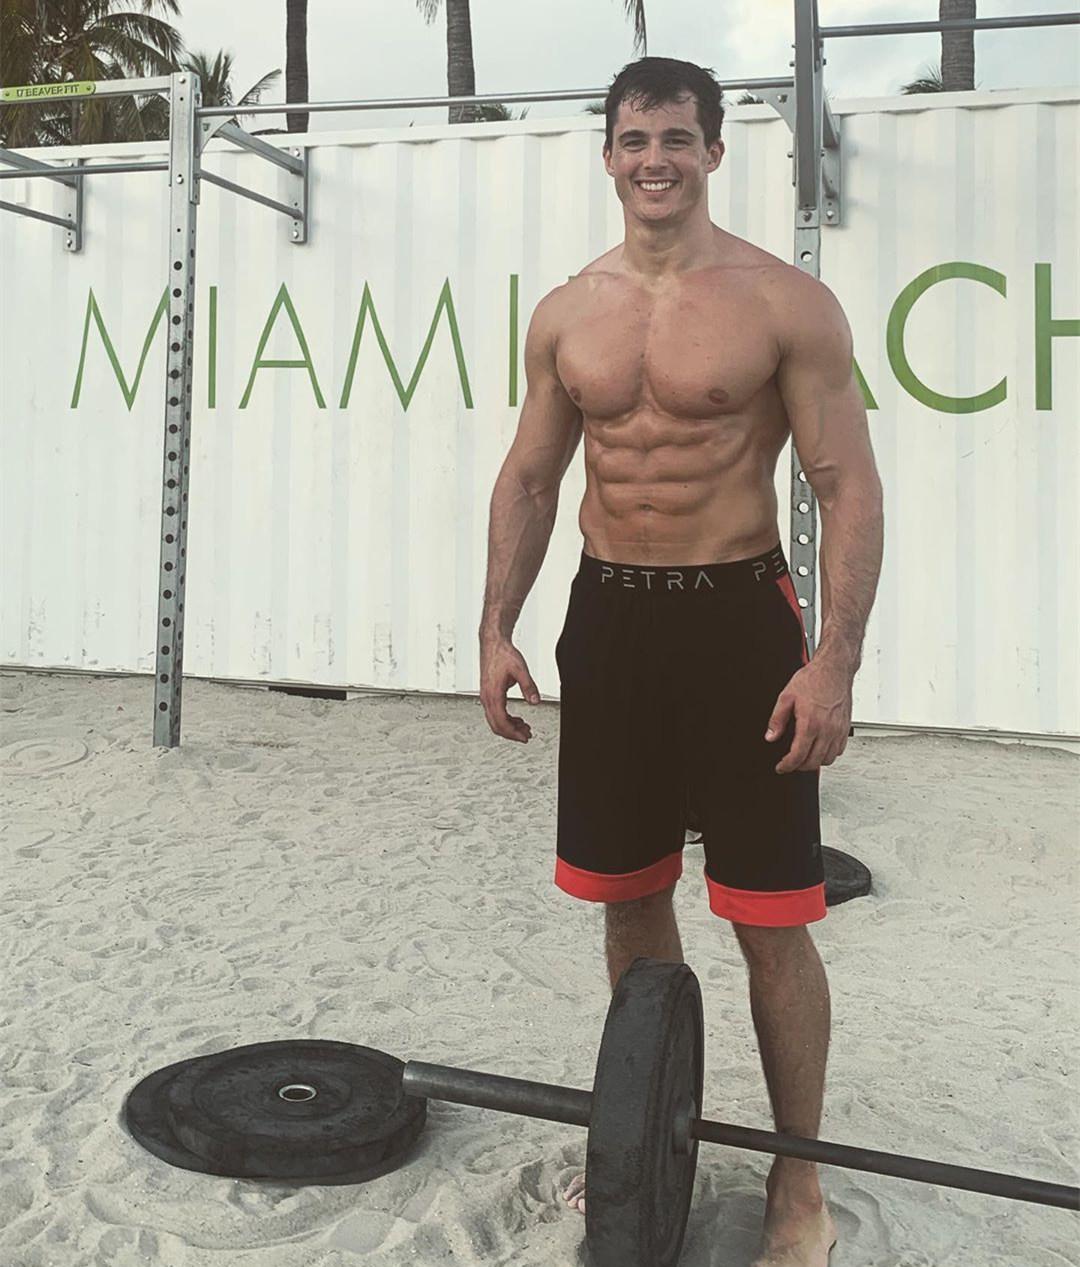 美国肌肉男撸铁照片